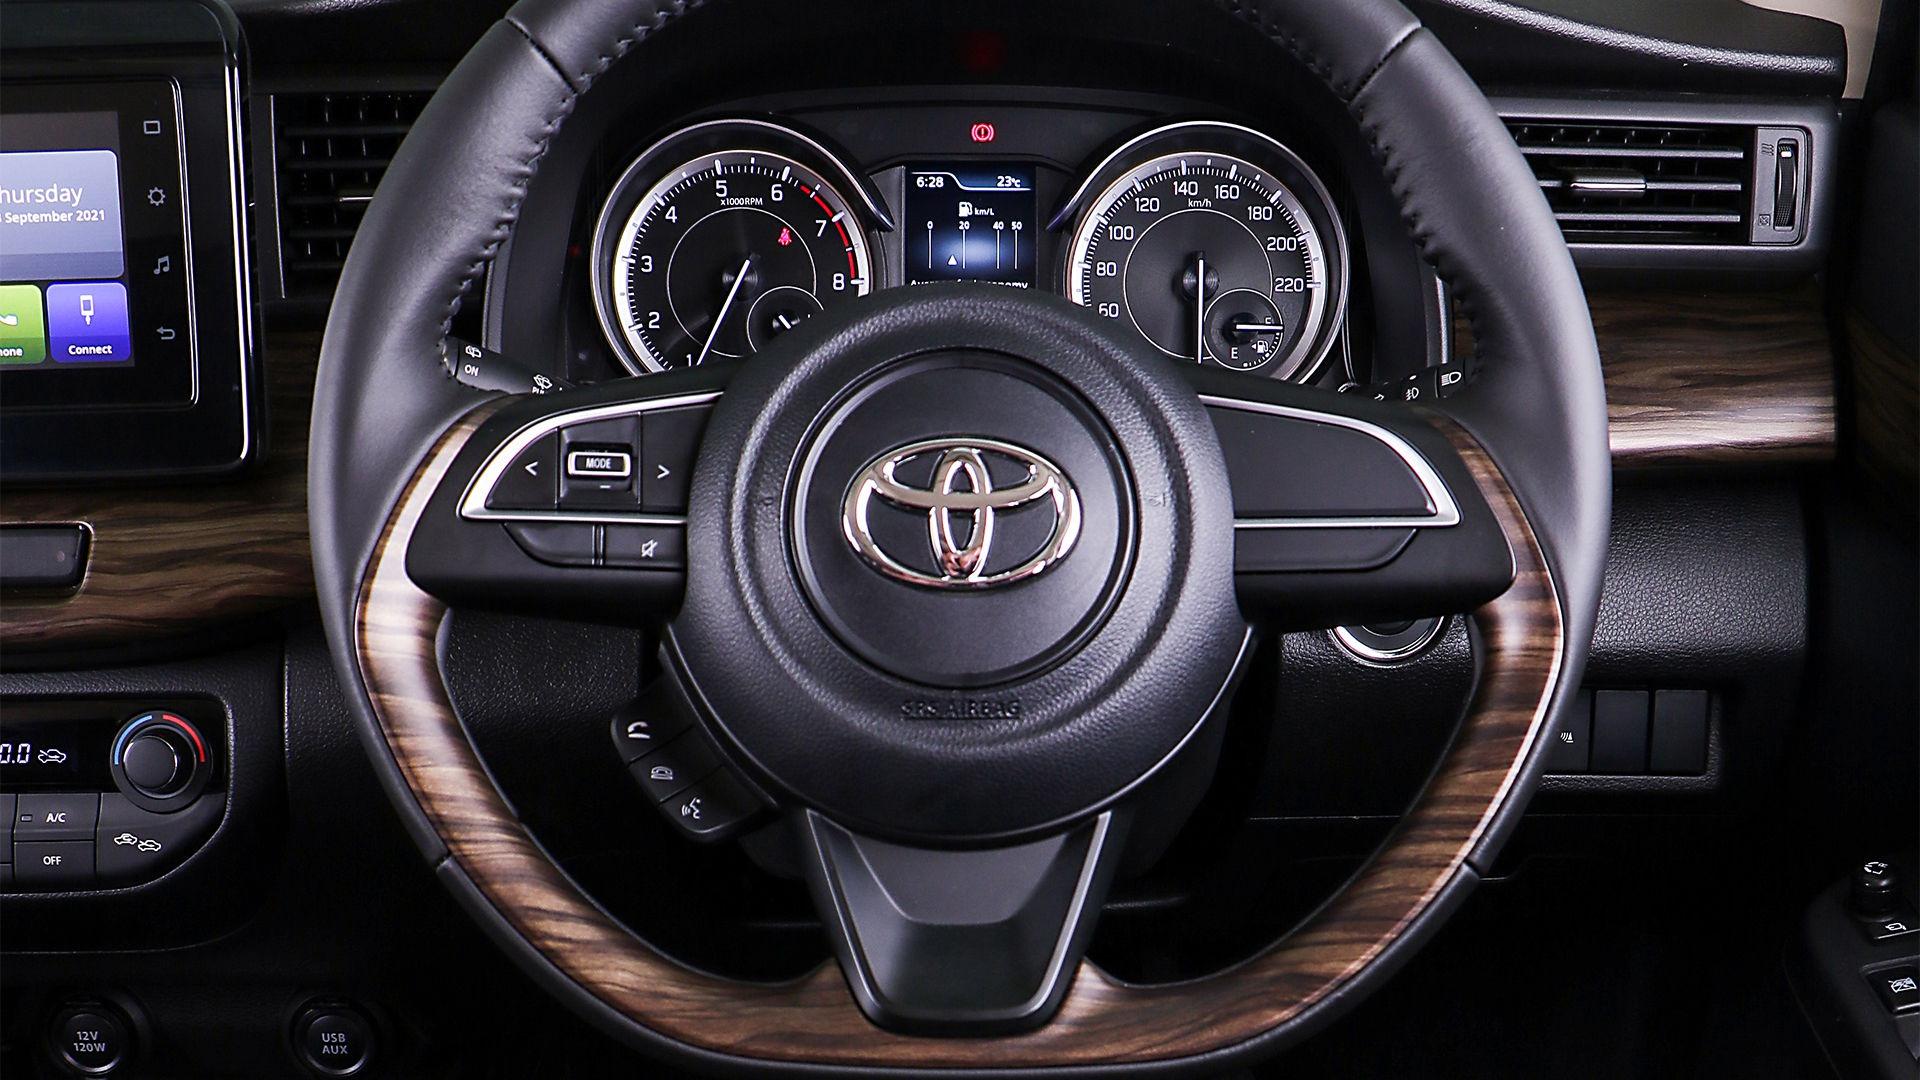 Toyota giới thiệu xe 7 chỗ mới tại Nam Phi - ảnh 4